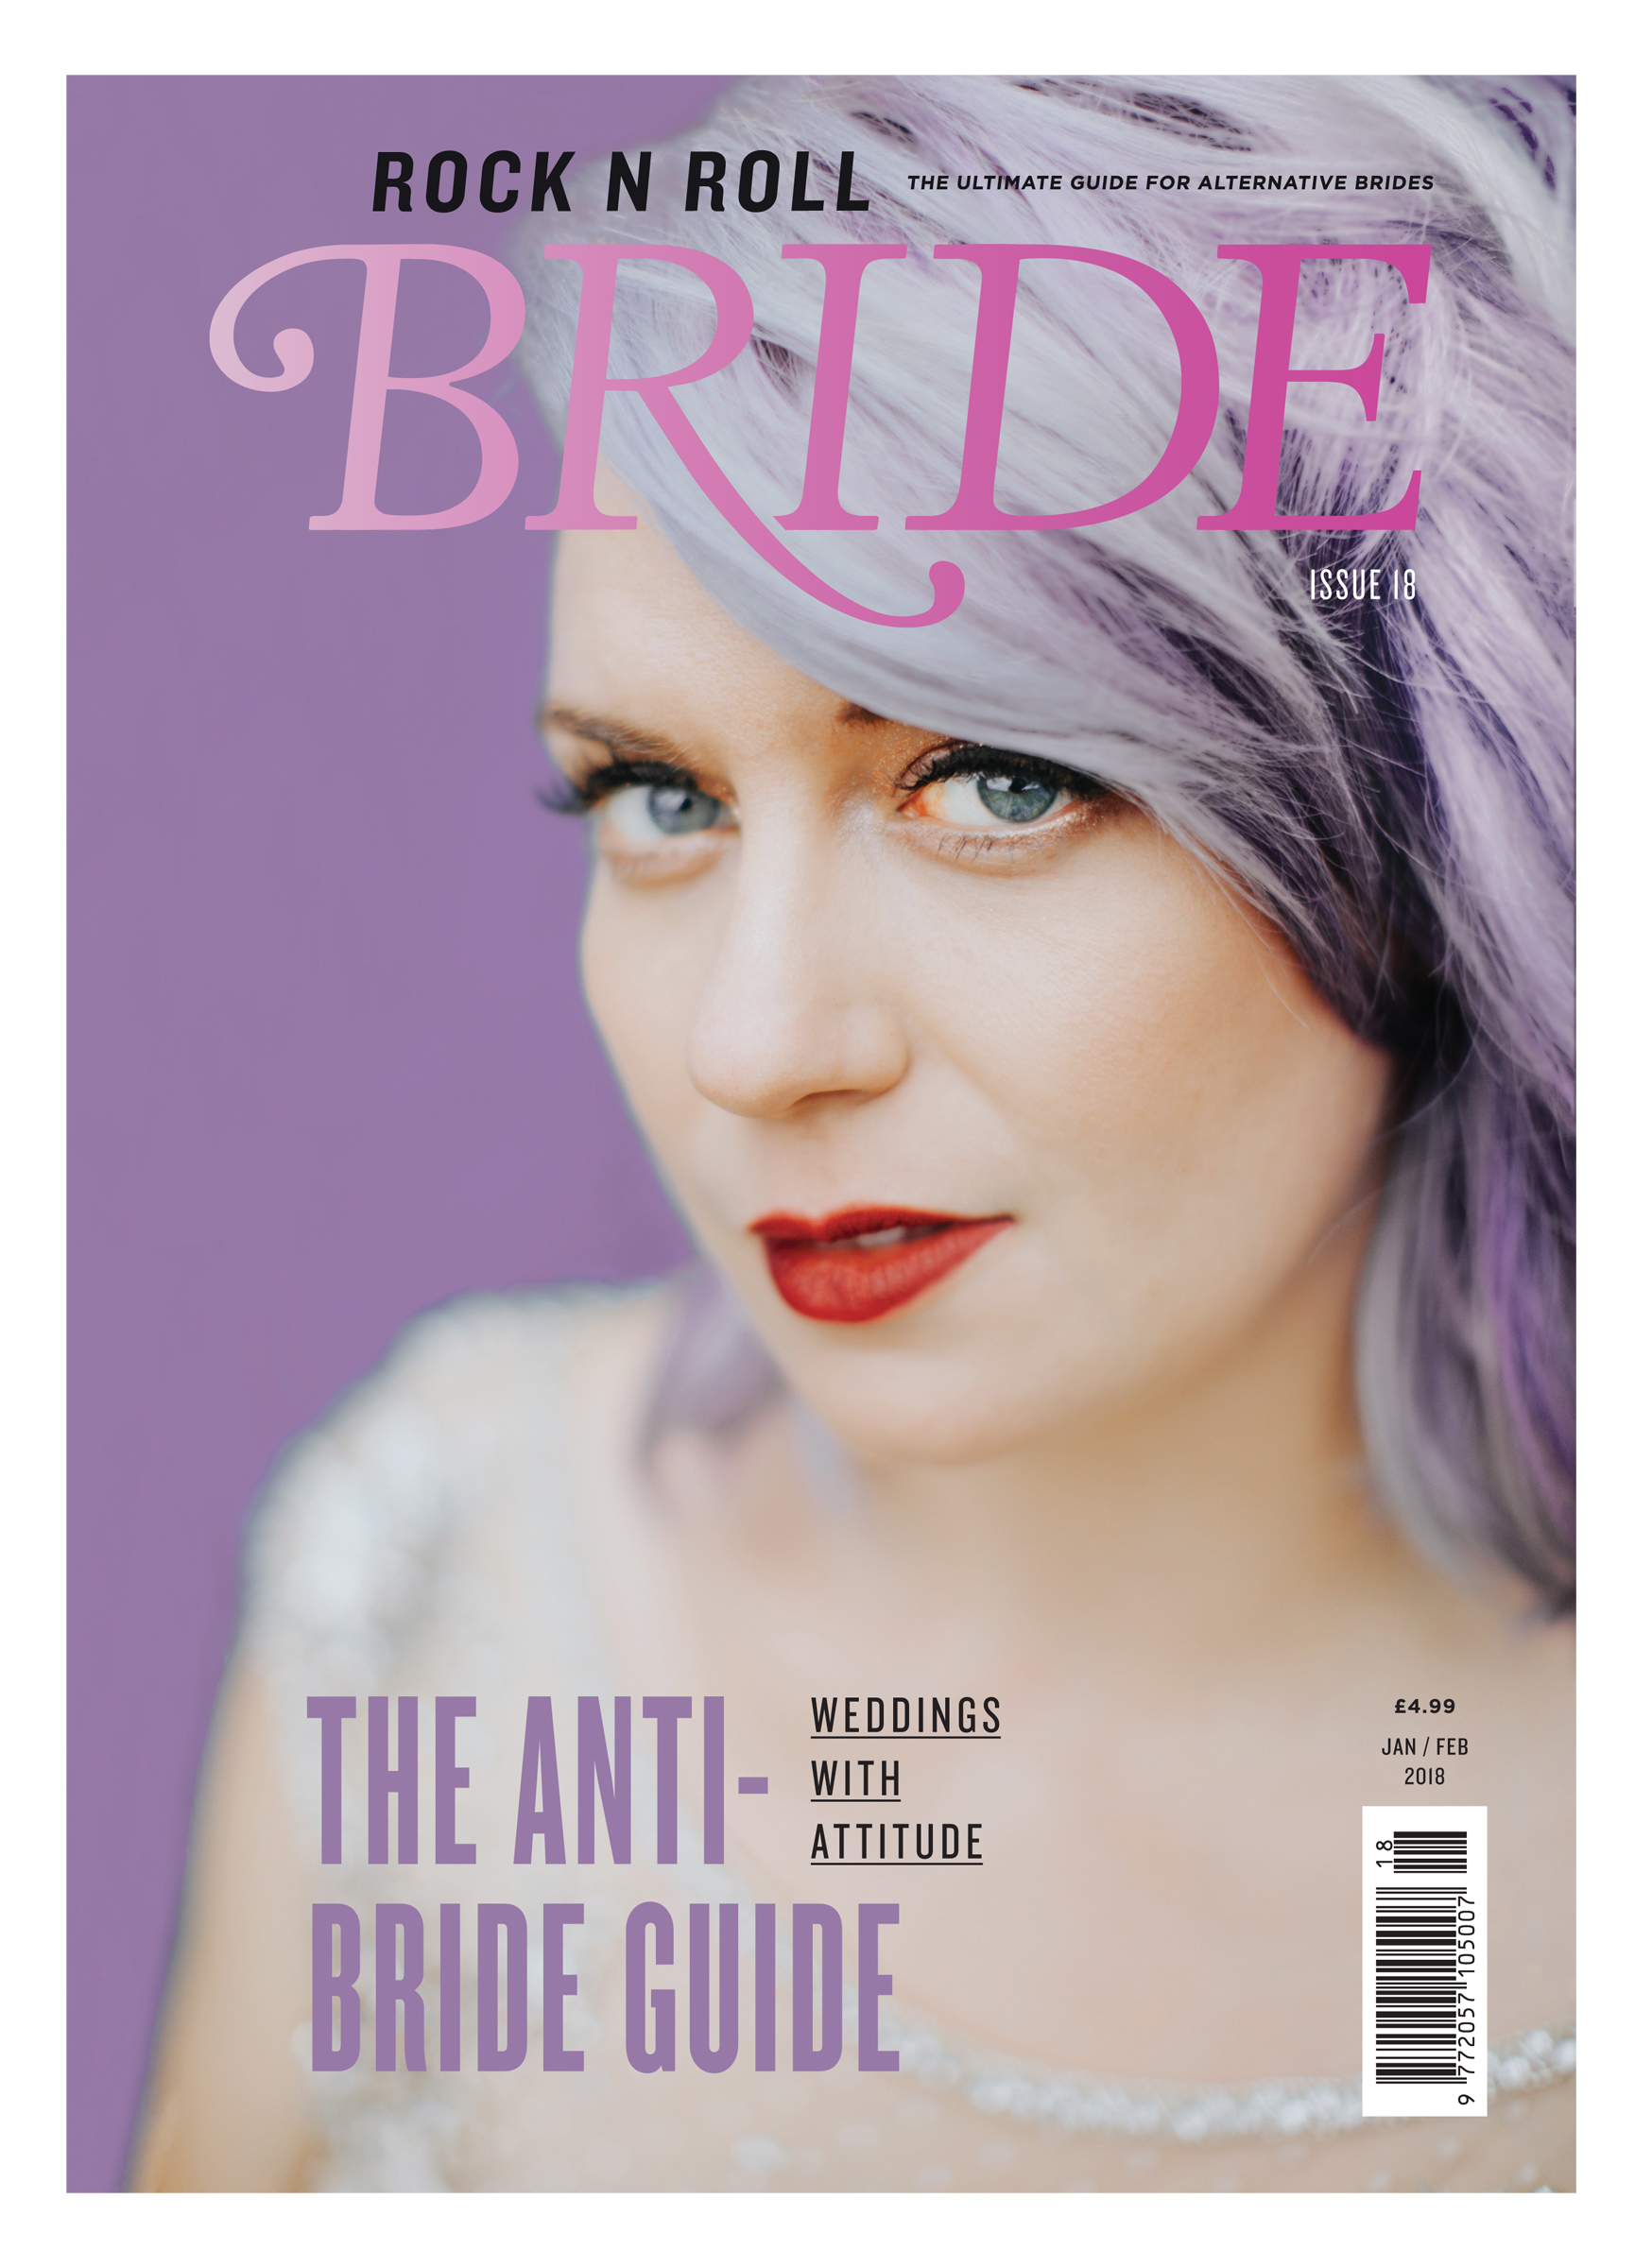 Vanessa_Sam_rocknroll_bride_cover.jpg